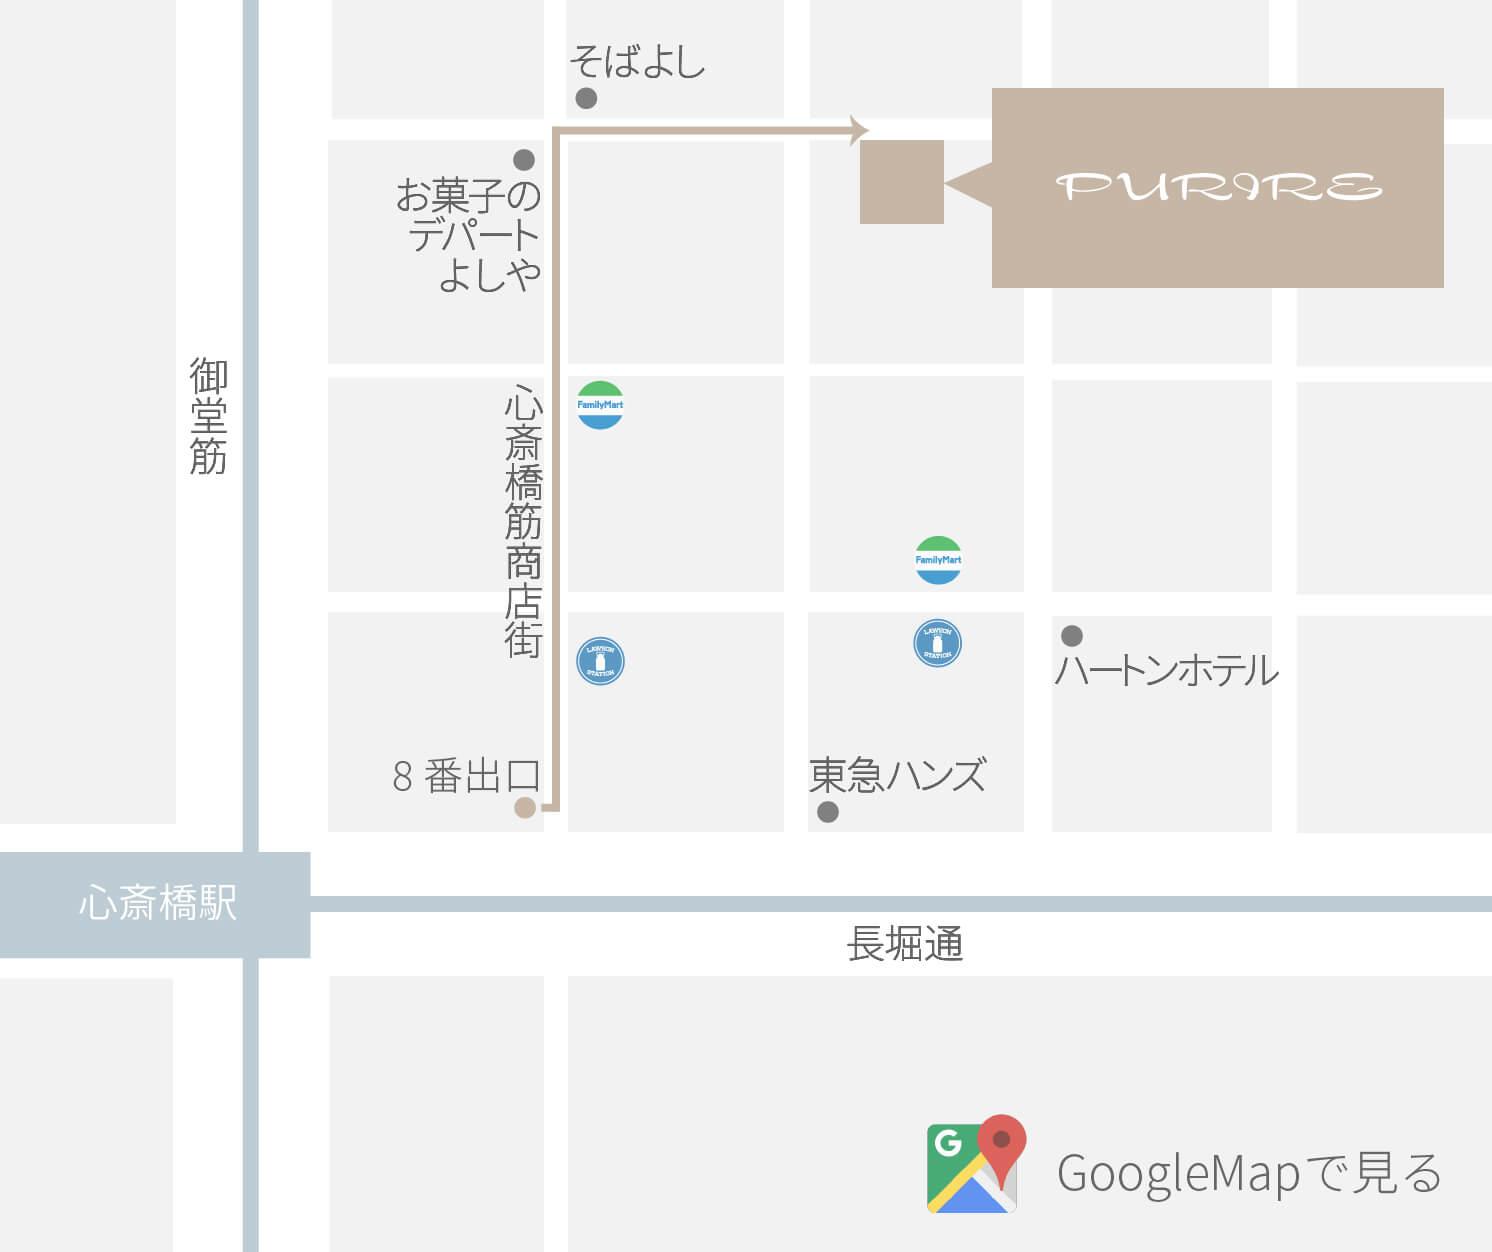 プリール マップ